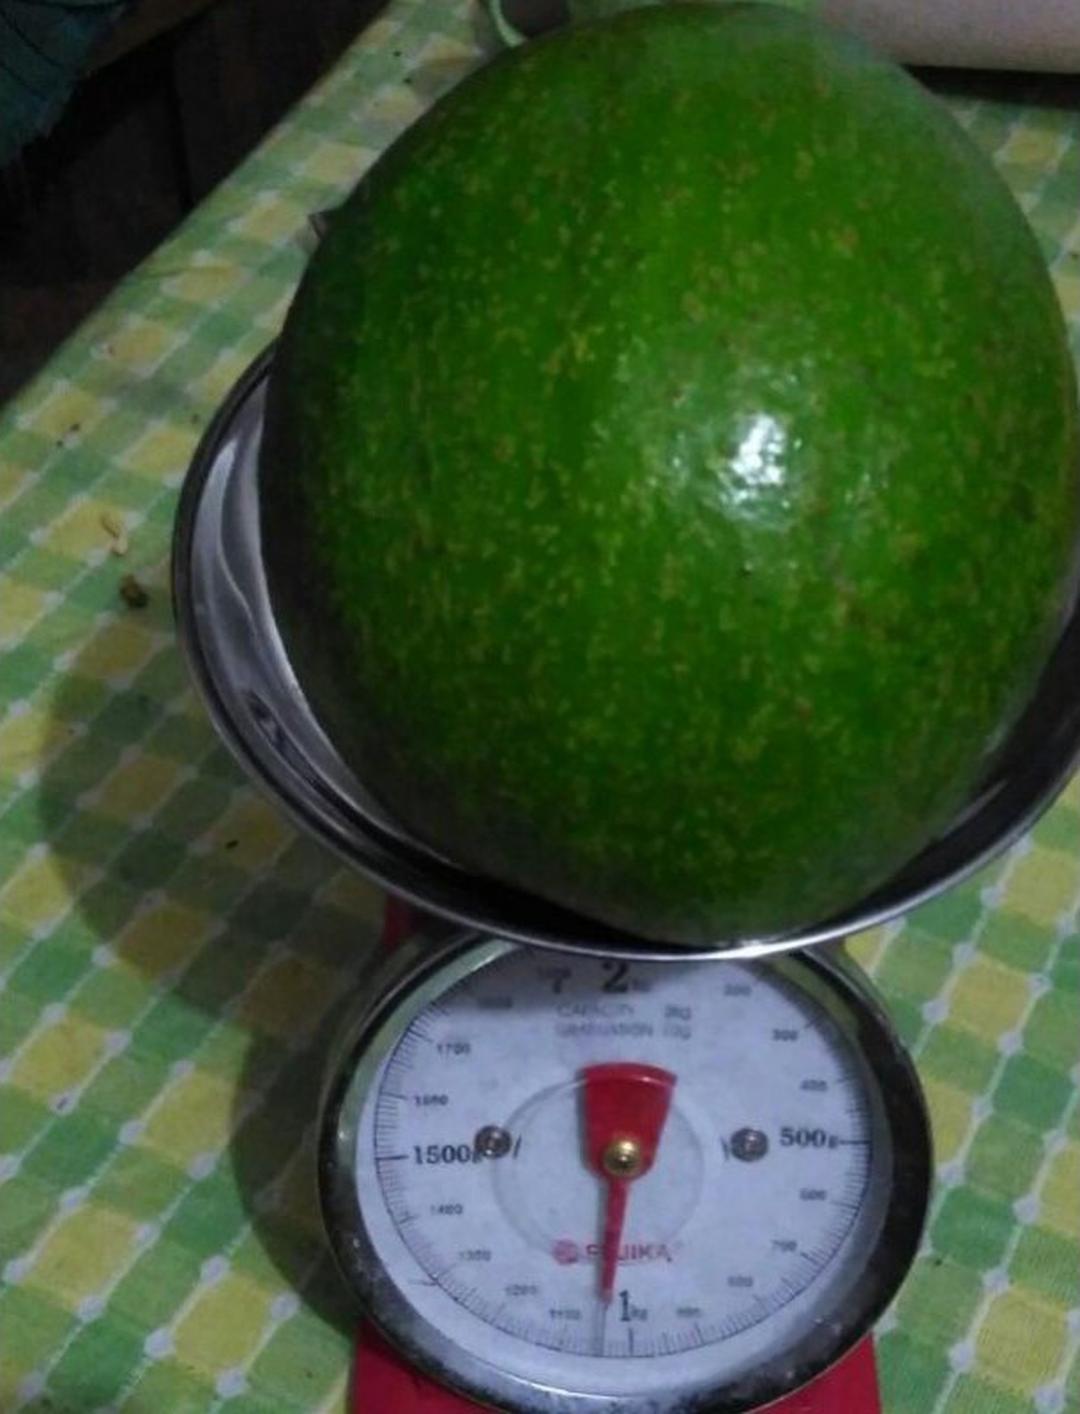 Buruan Beli! bibit buah alpukat wina unggul Kota Bogor #Jual bibit buah